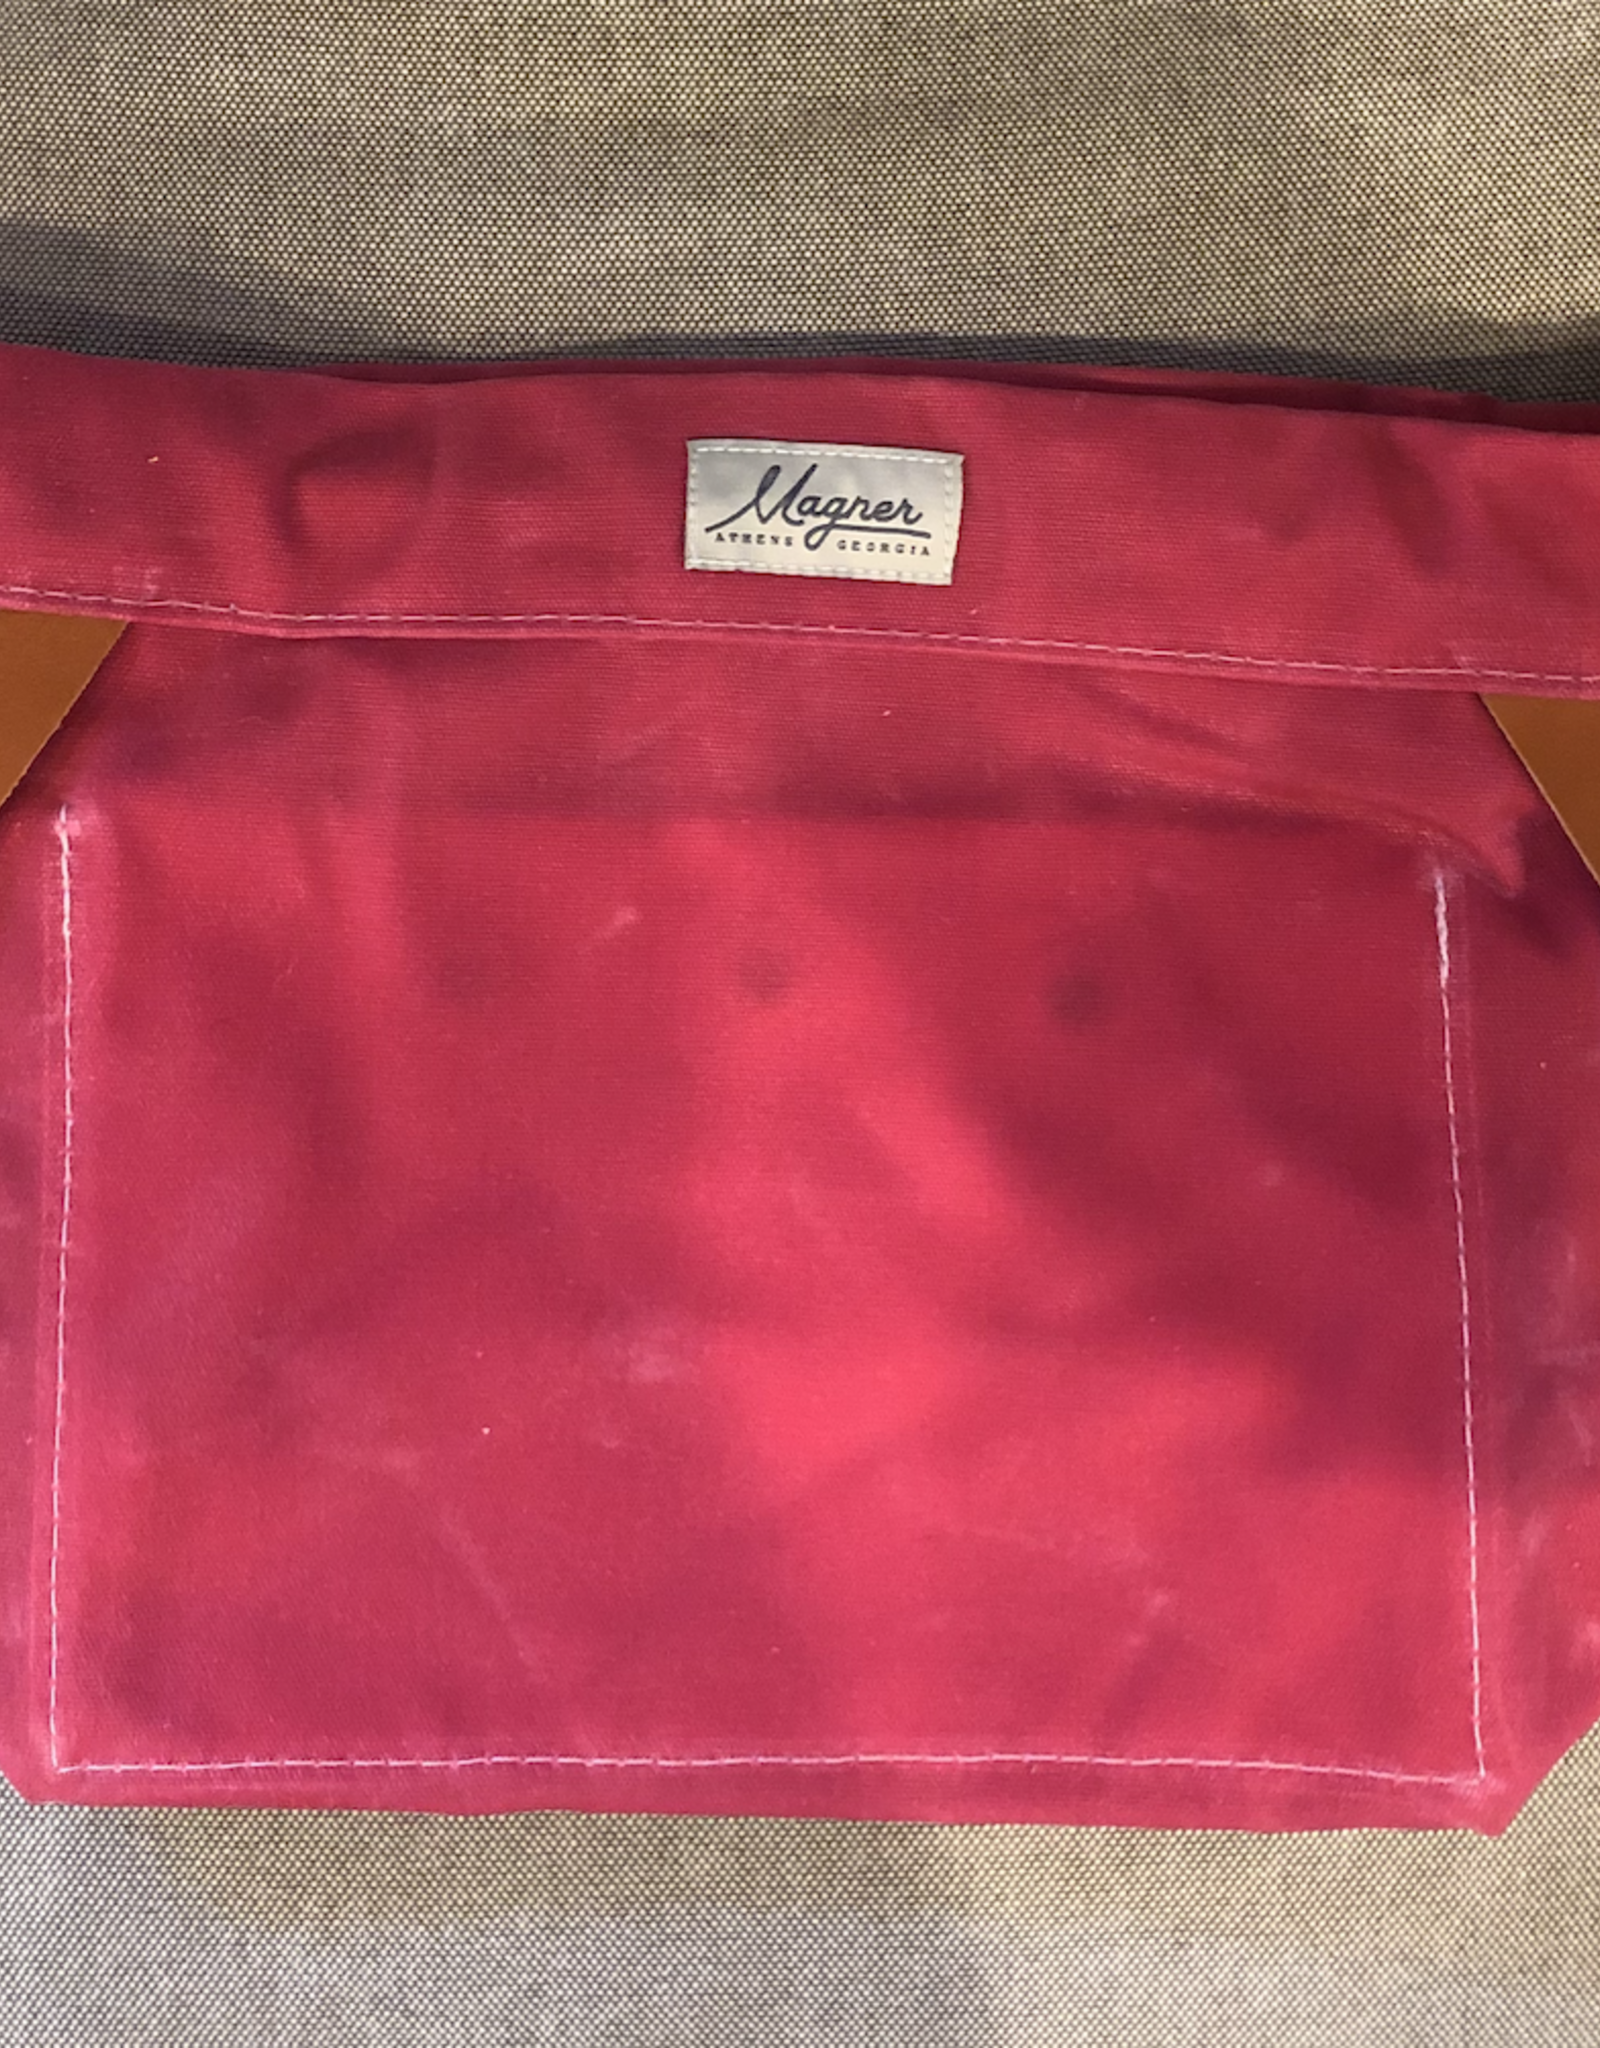 Magner Magner Project Bag